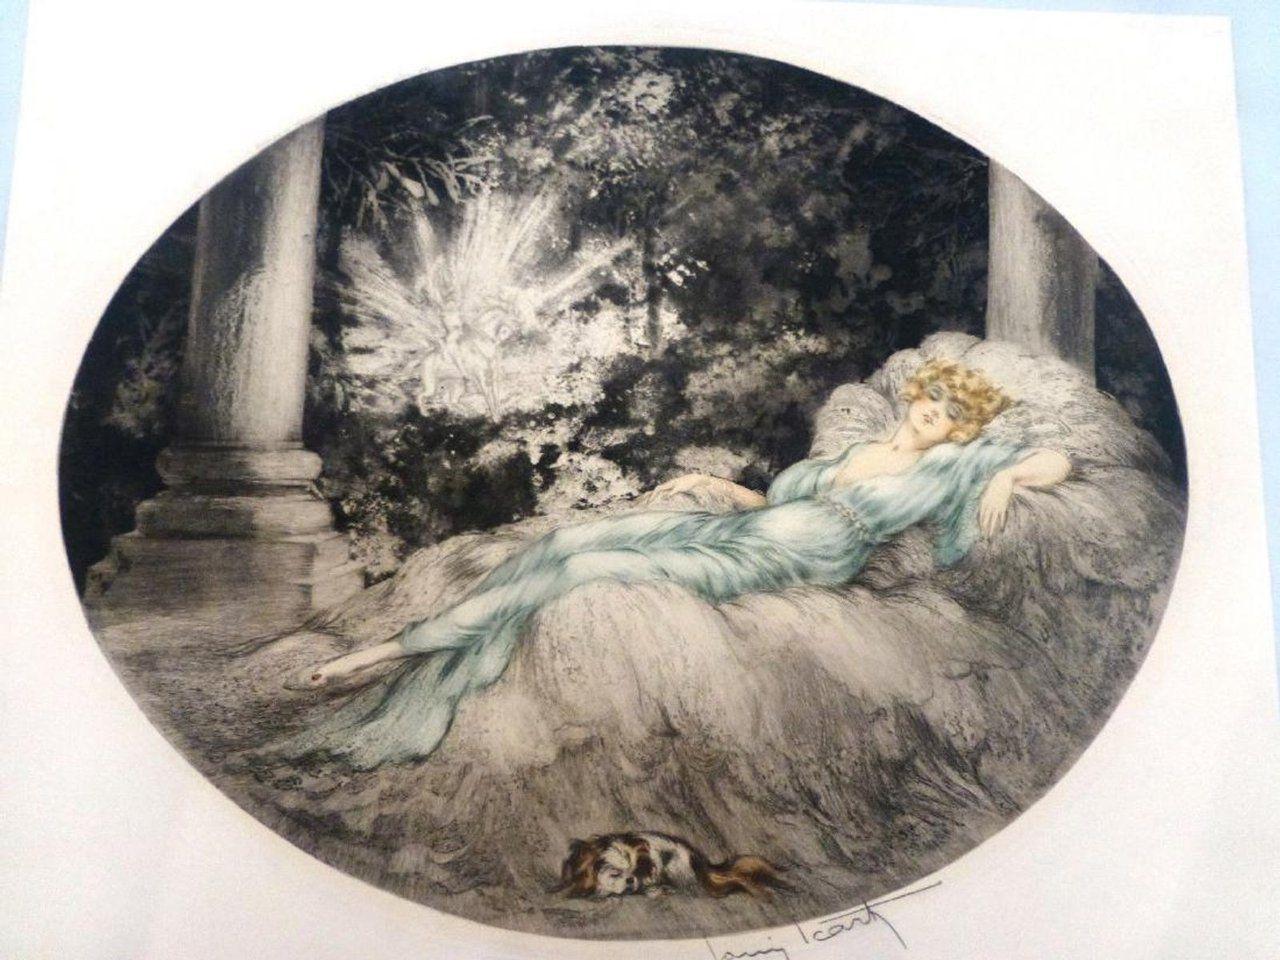 1927 Icart Sleeping Beauty Etching And Aquatint Artists In 2019 Artist Art Sleeping Beauty